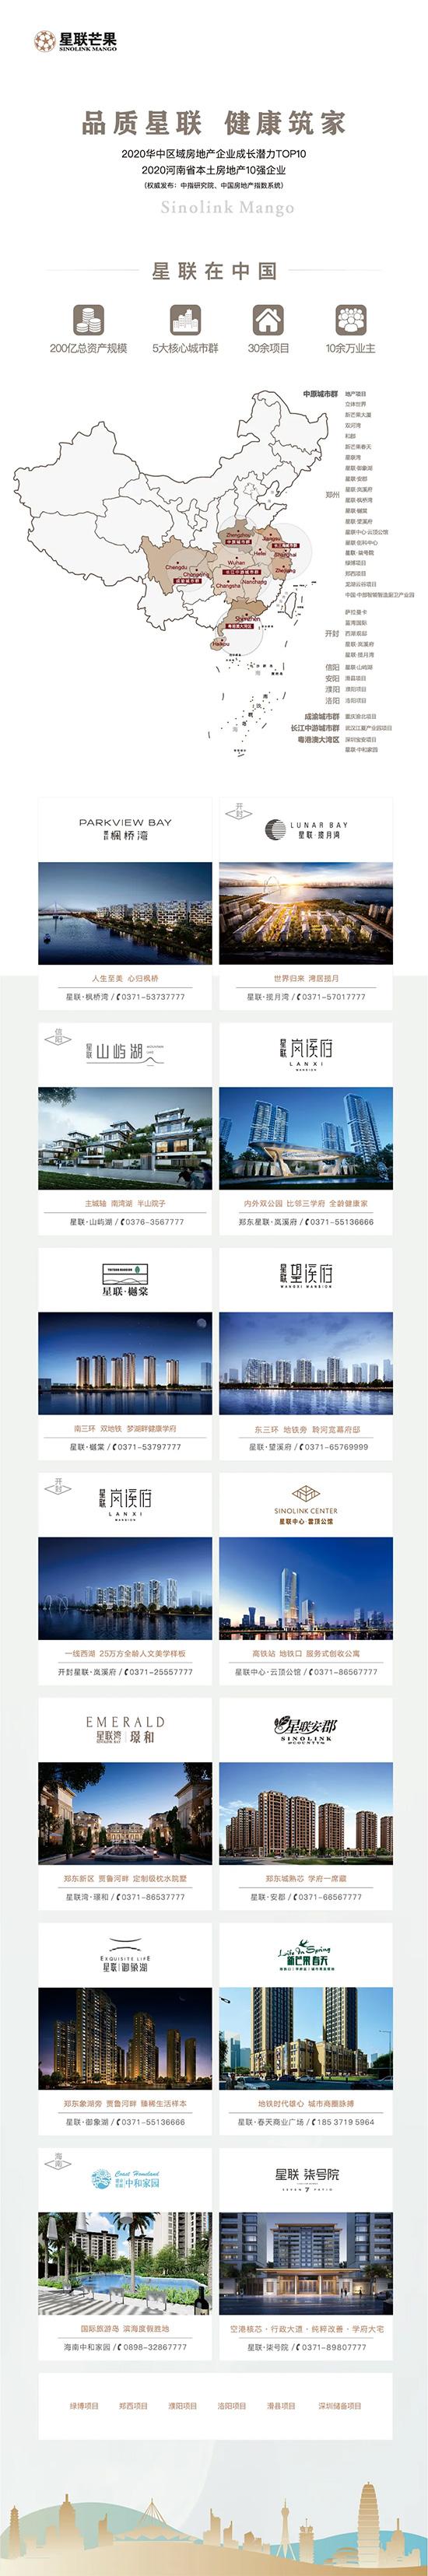 """美丽家园 星联共建丨""""美丽家园""""计划启动暨2021社区邻里节开幕"""